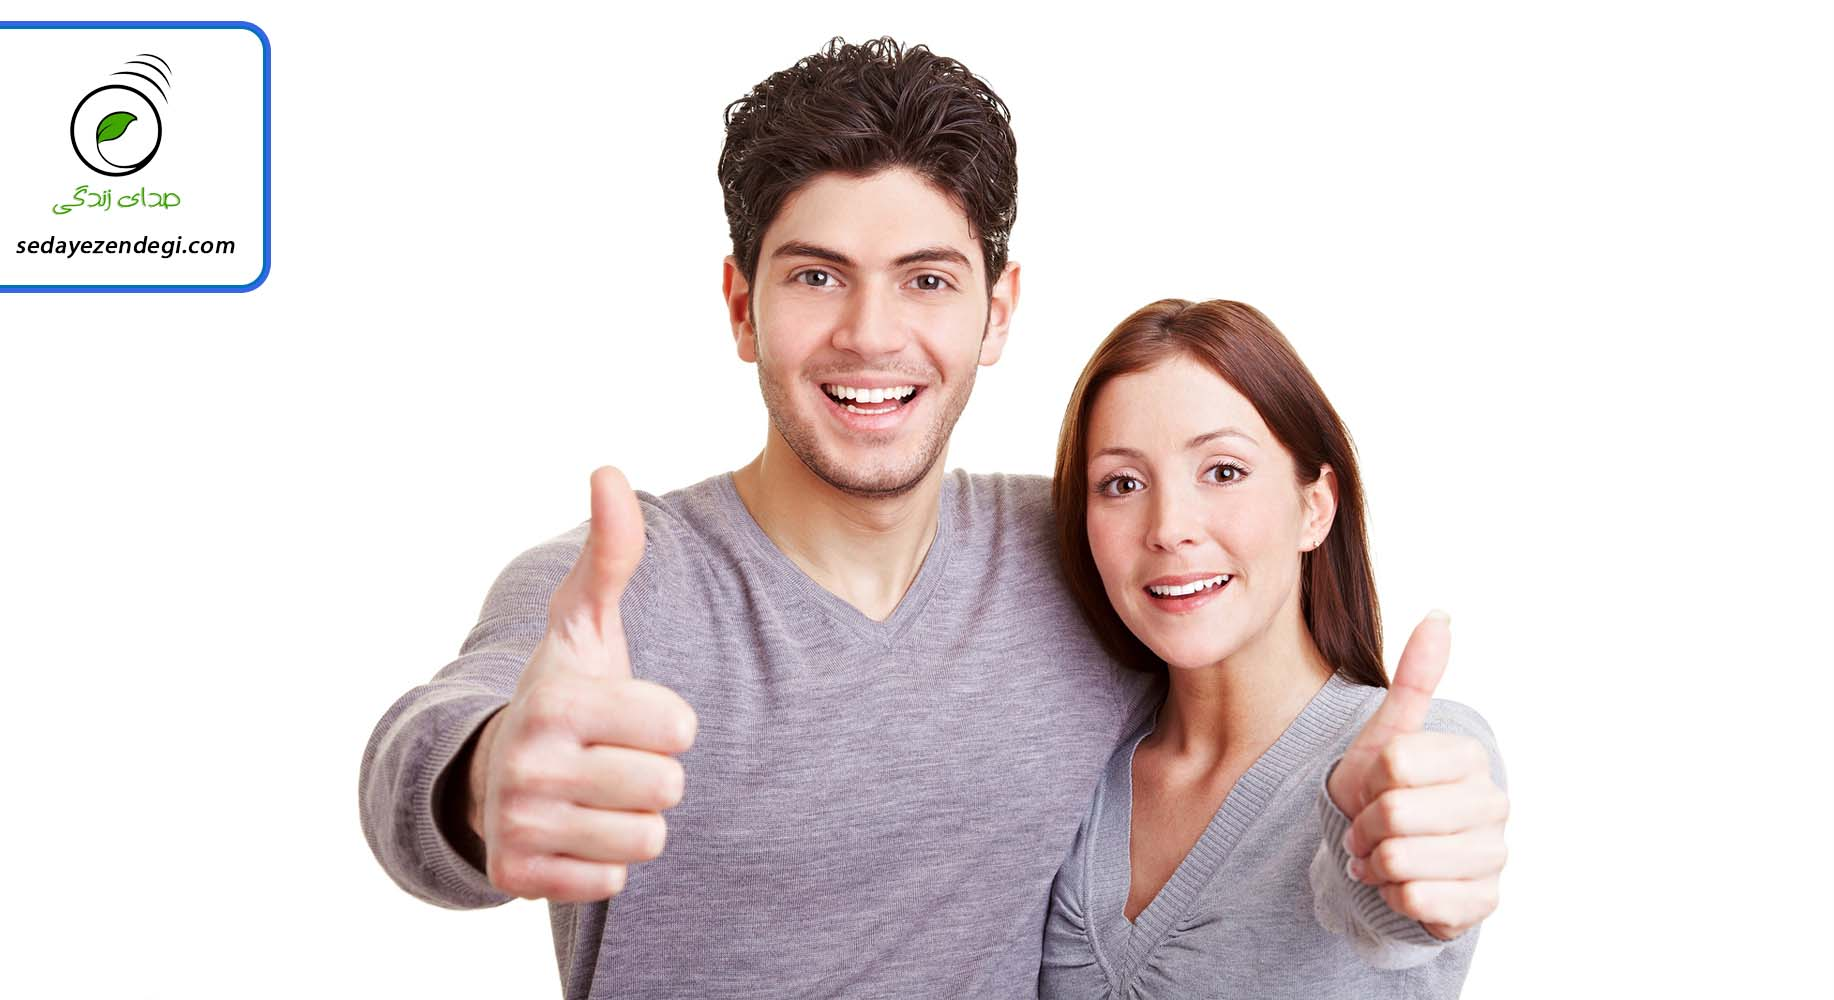 تمرین های توجه آگاهی برای بهبود روابط زوجها